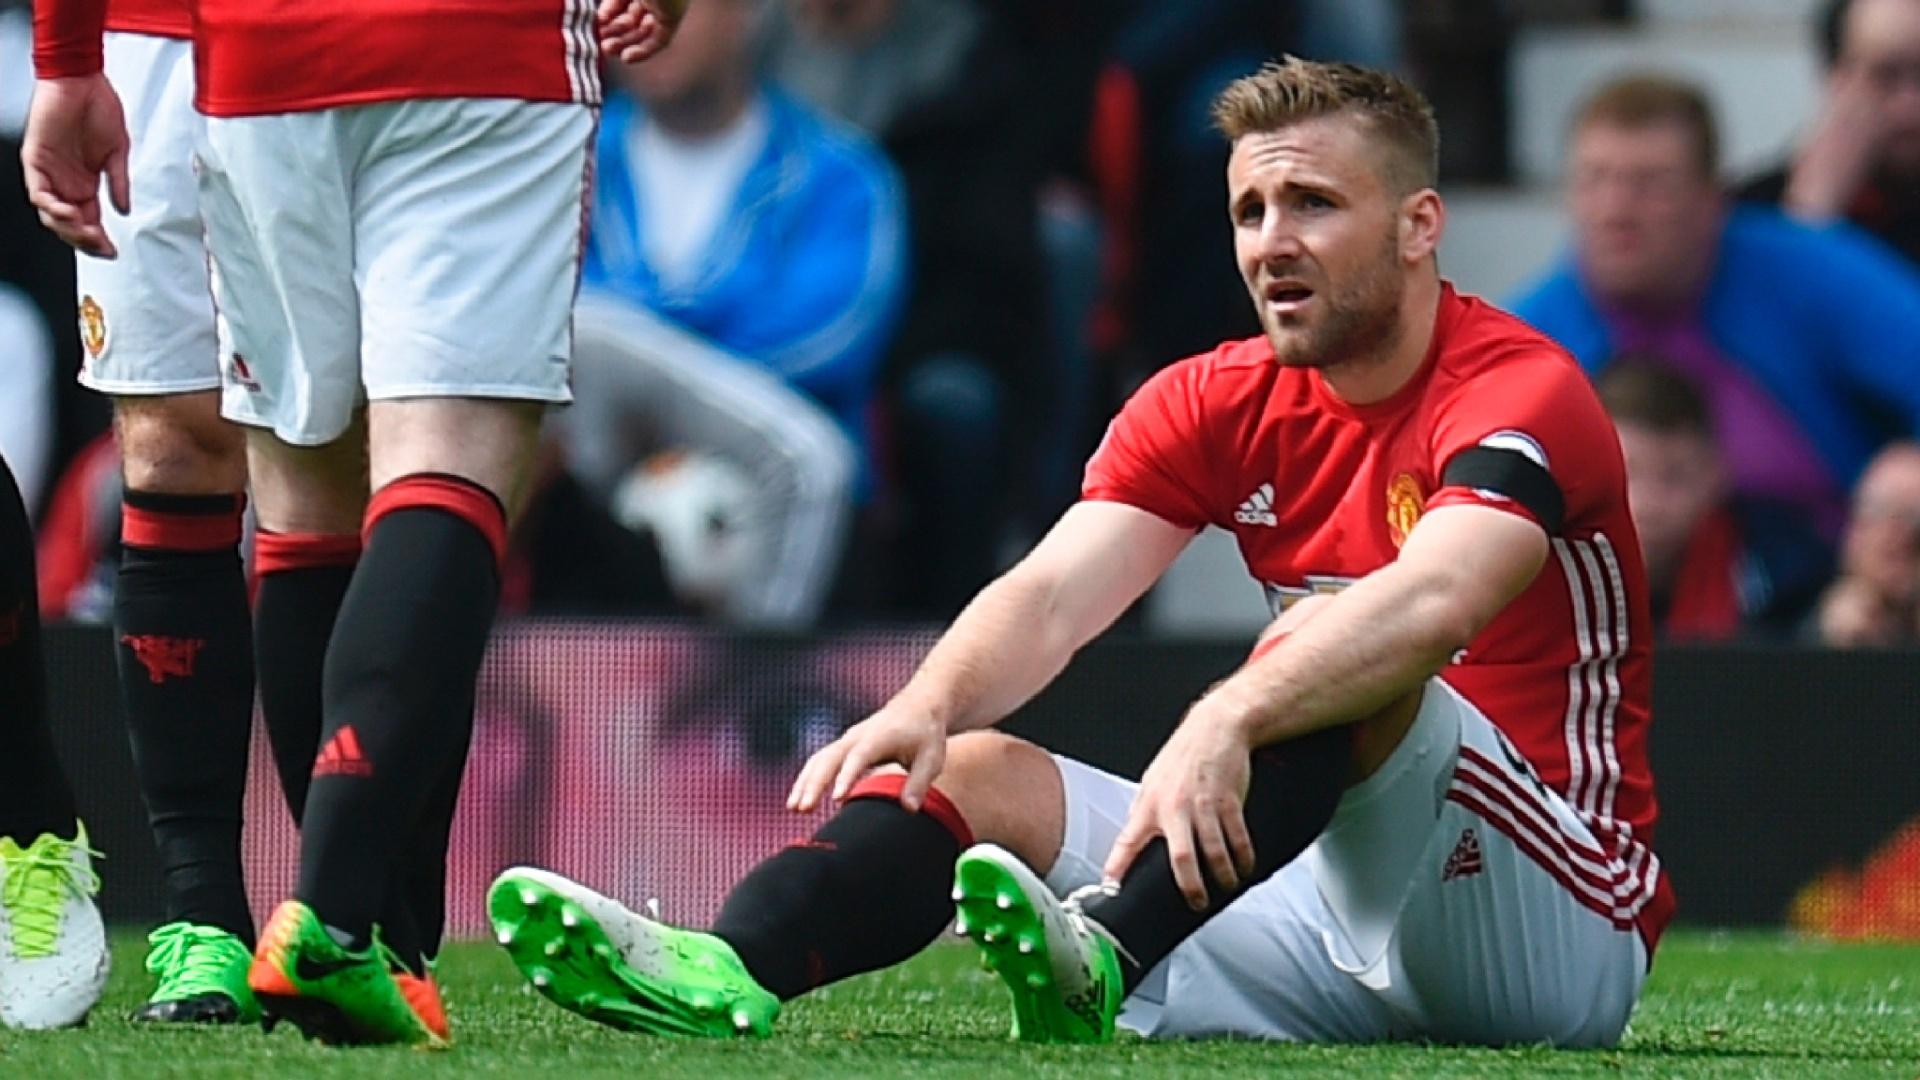 Luke Shaw sente lesão aos nove minutos de partida contra o Swansea